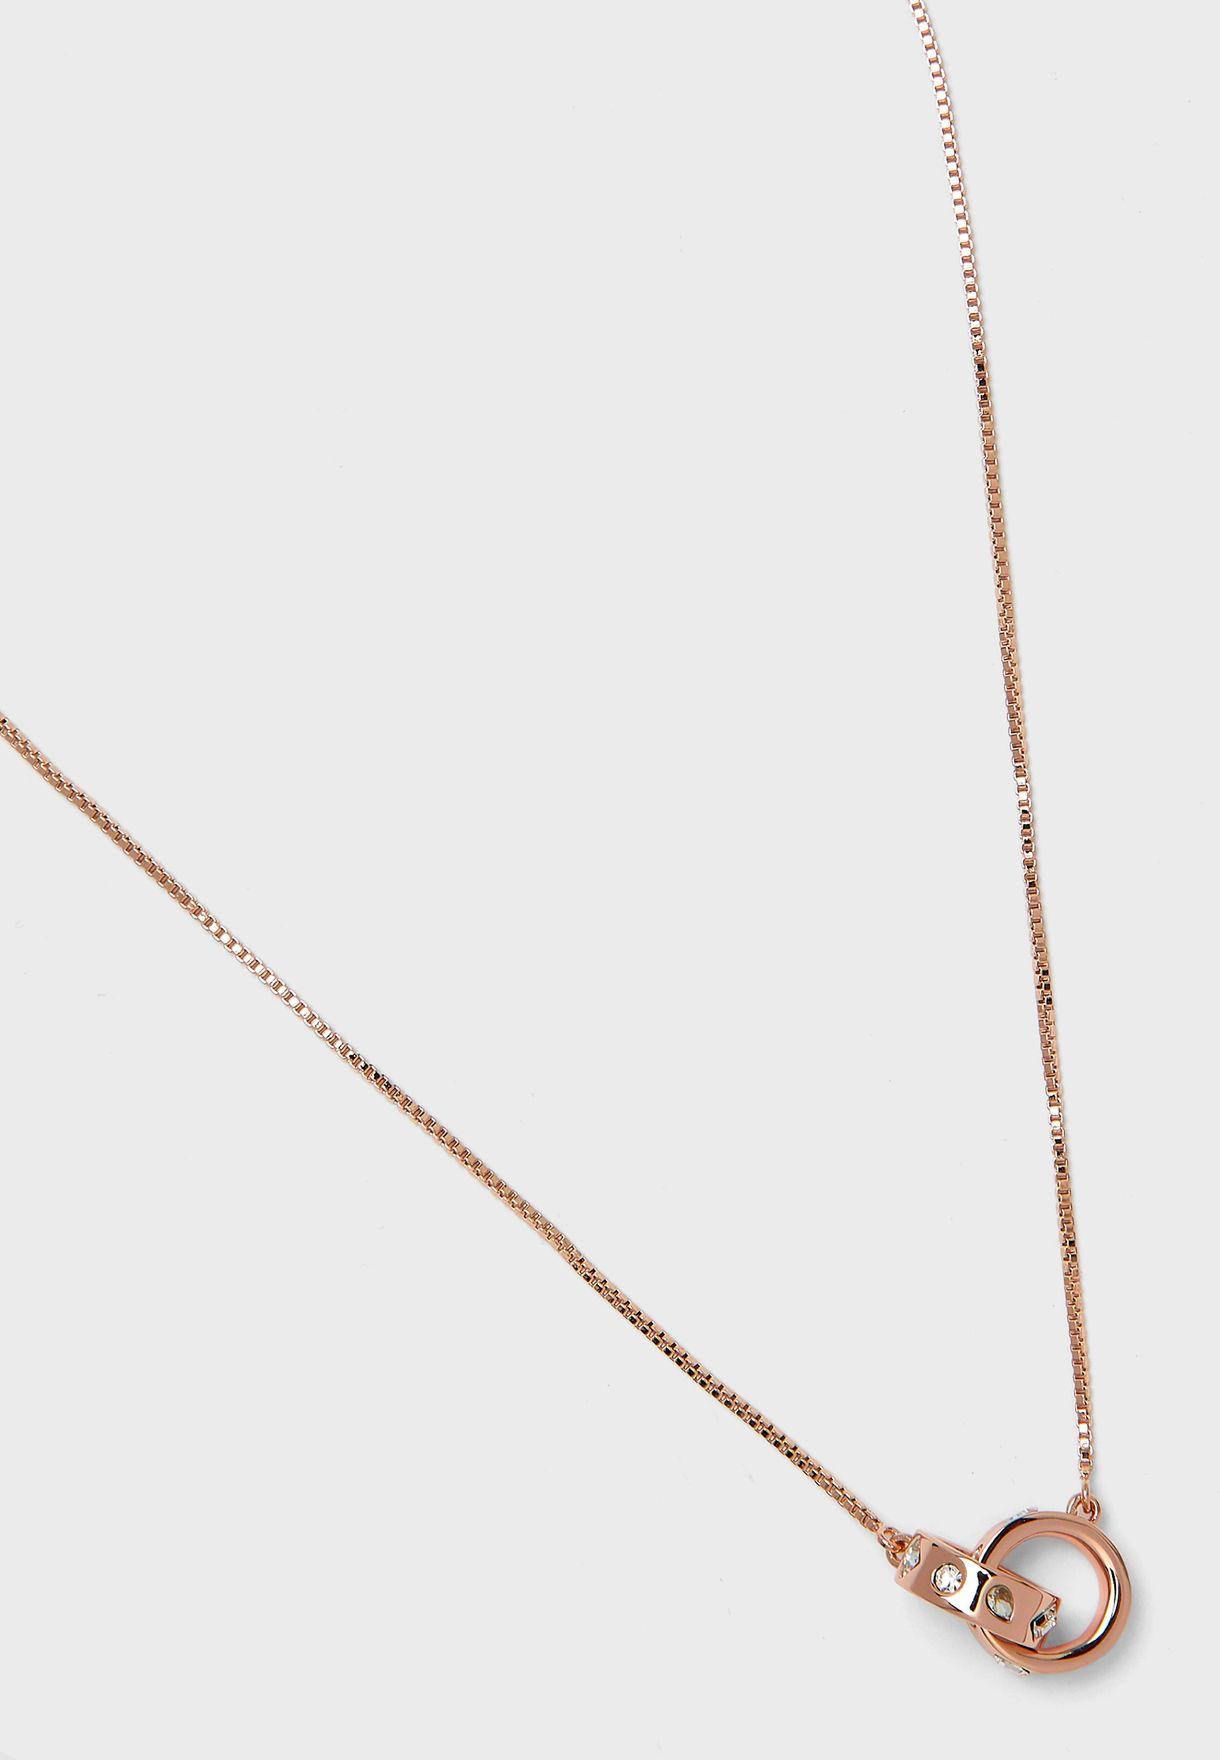 Knightley Pendant Necklace